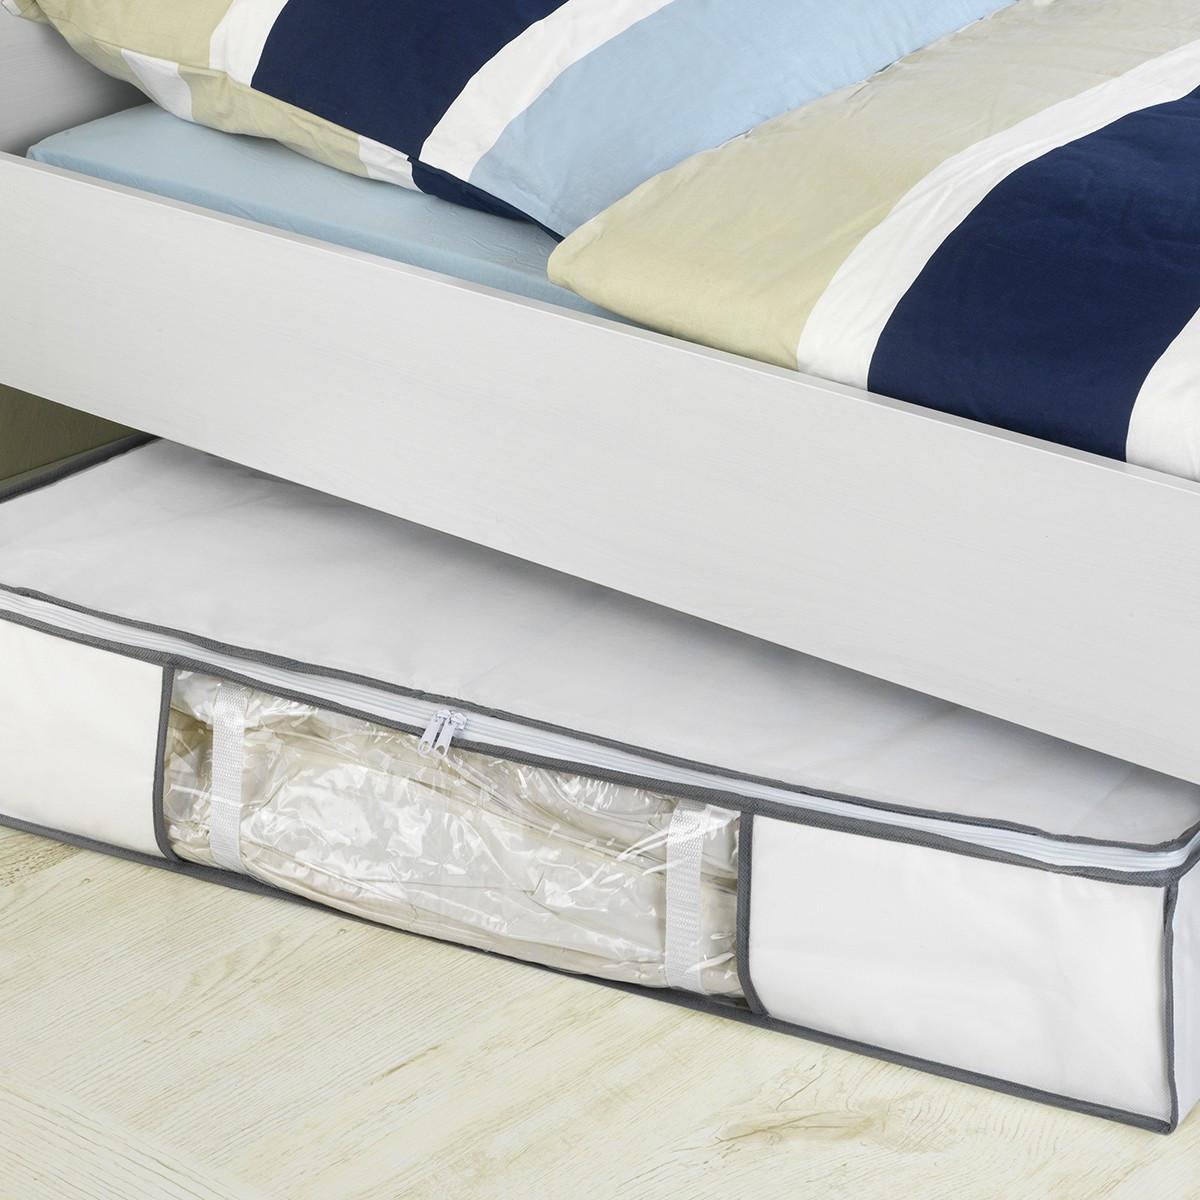 housse sous vide sous le lit rangement. Black Bedroom Furniture Sets. Home Design Ideas